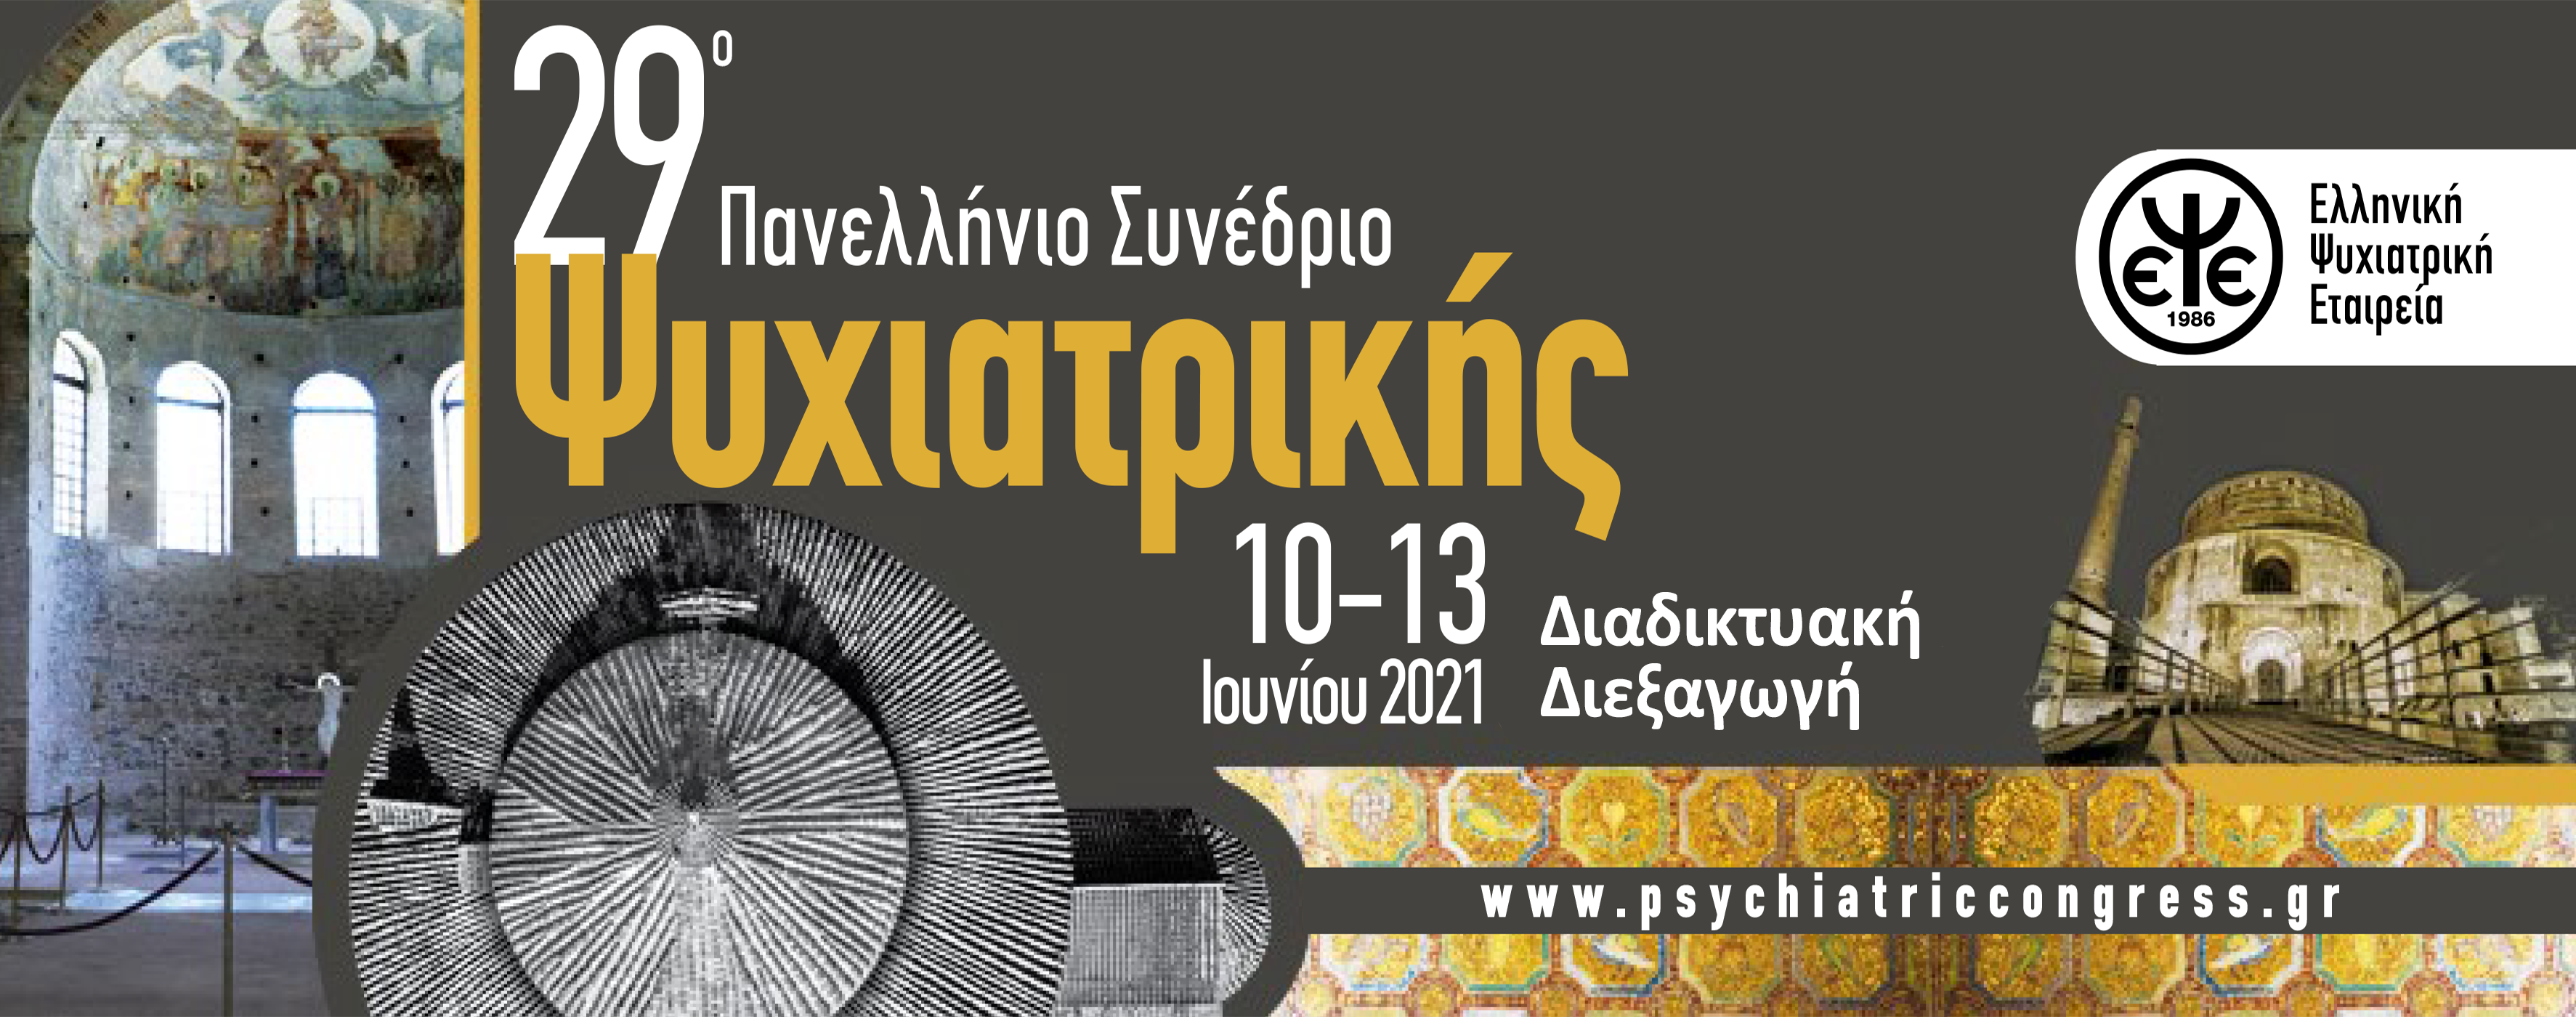 29ο Πανελλήνιο Συνέδριο Ψυχιατρικής της Ελληνικής Ψυχιατρικής Εταιρείας